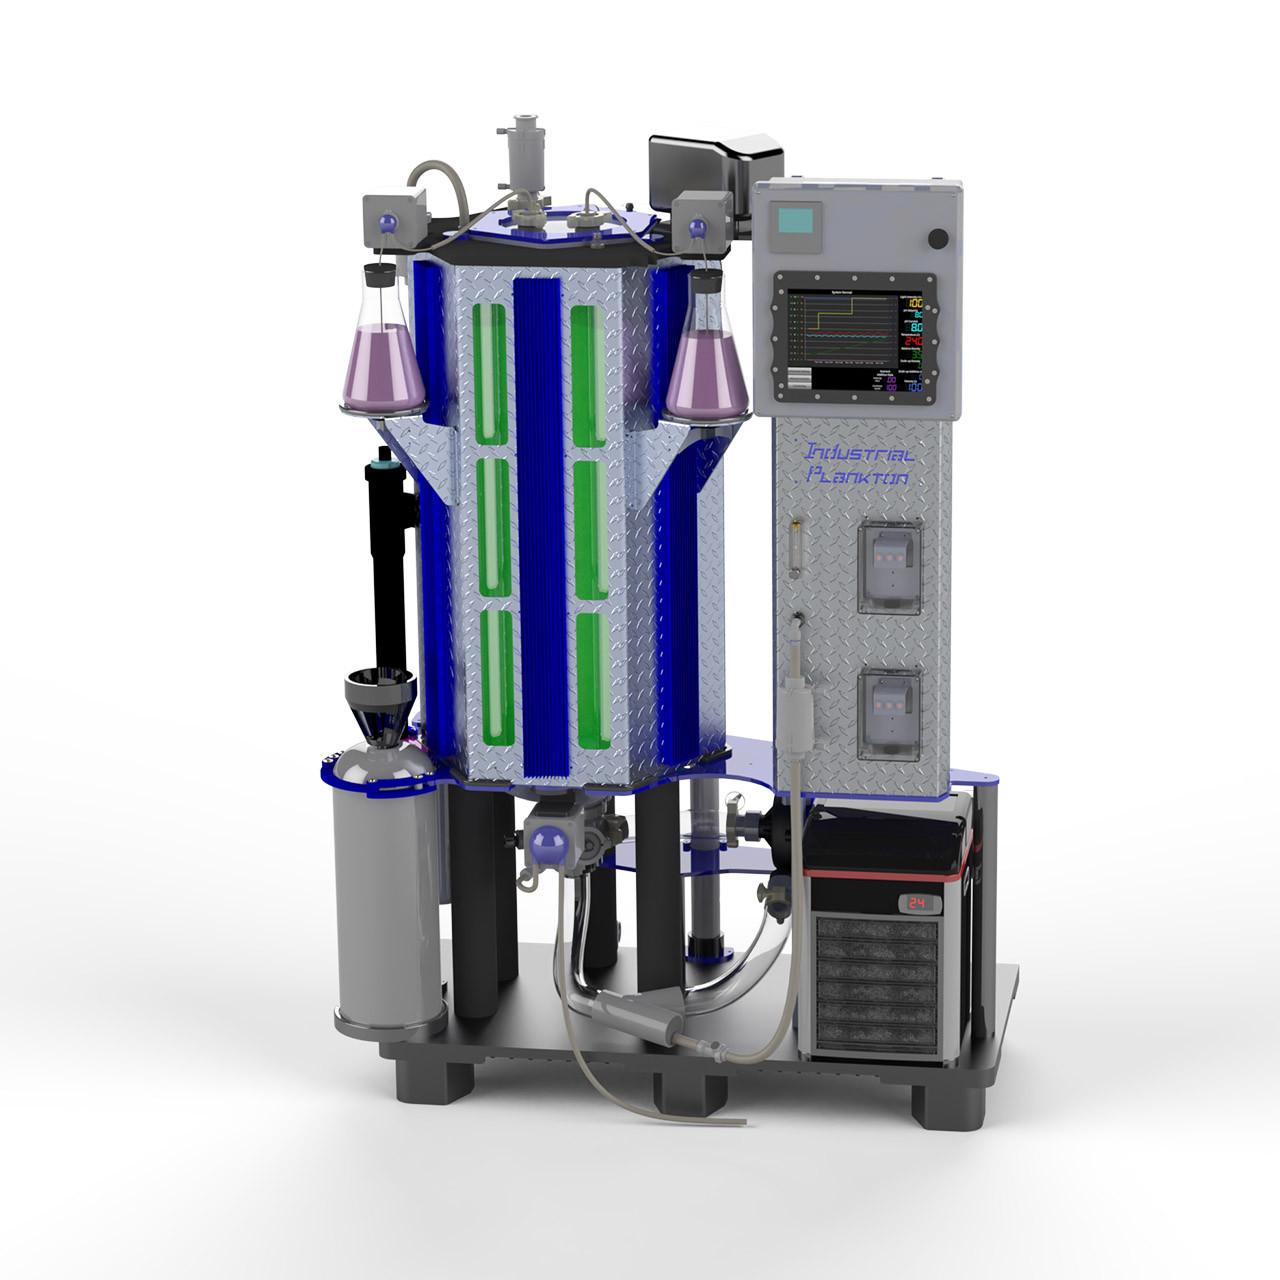 Bioreactor 100L cultivo de microalgas Industrial Plankton [Fotobioreactor PBR100L]